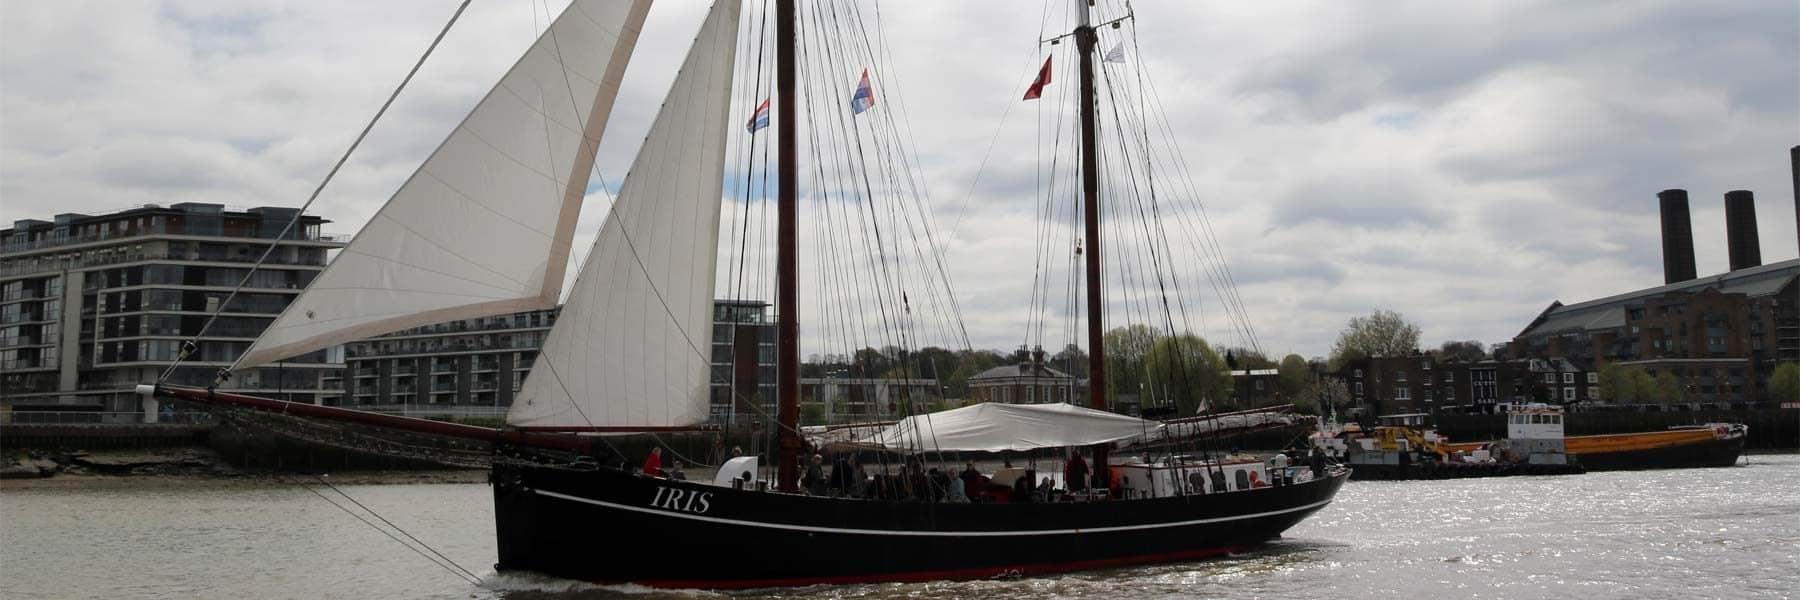 Tall Ship Iris at the Royal Borough of Greenwich